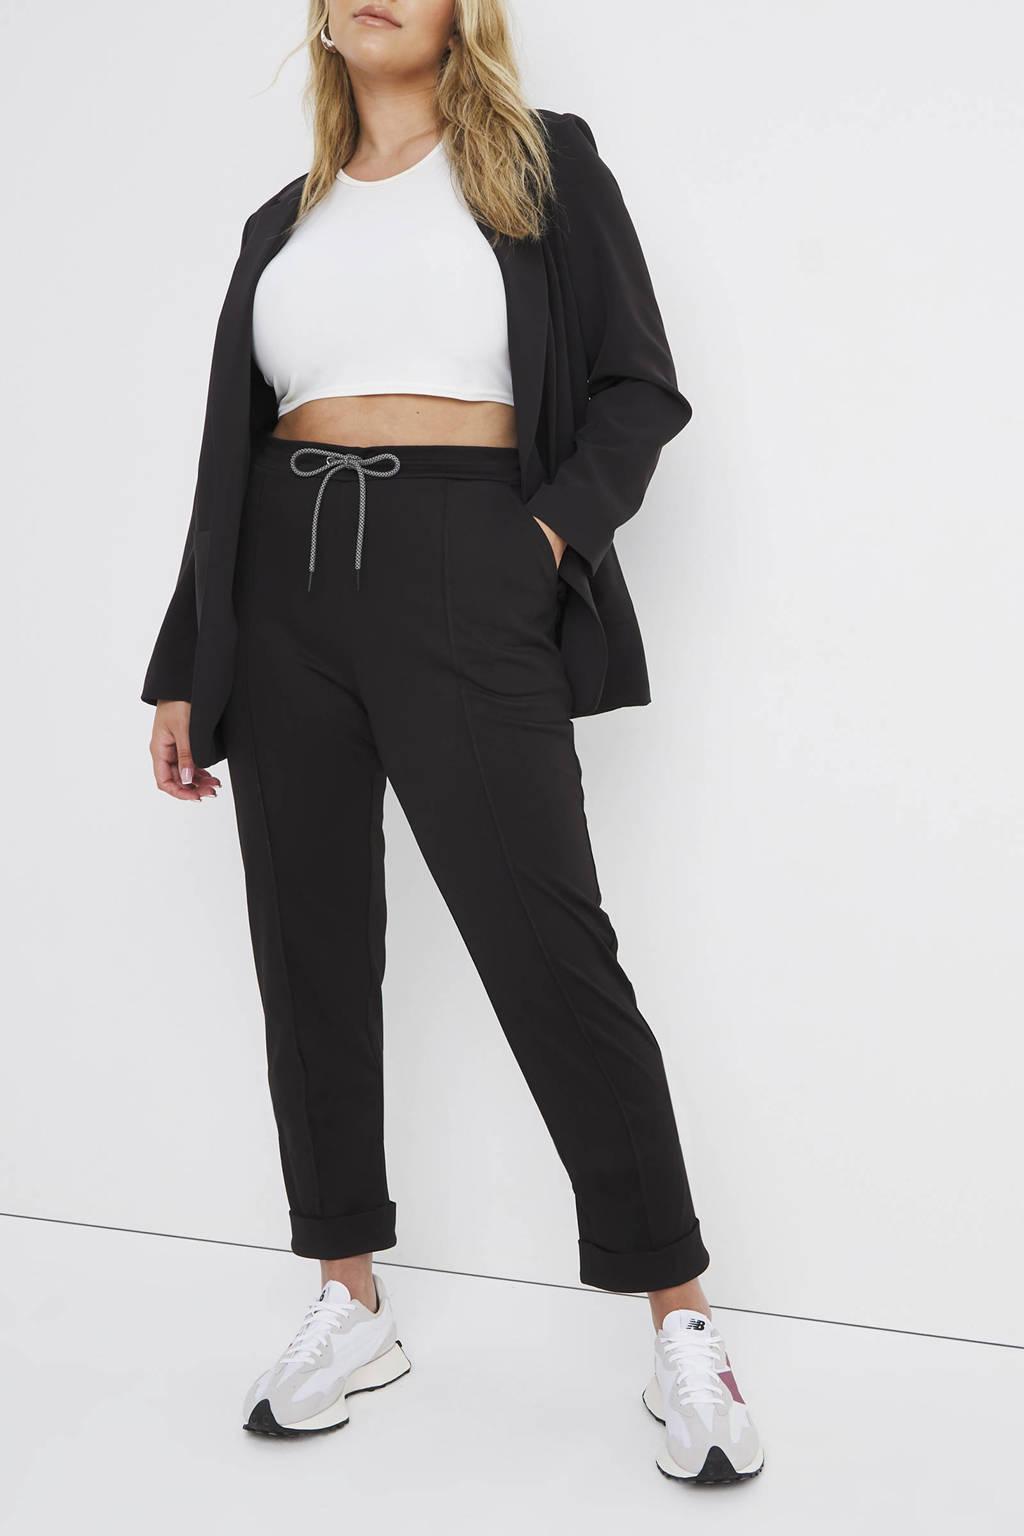 Simply Be high waist slim fit broek zwart, Zwart